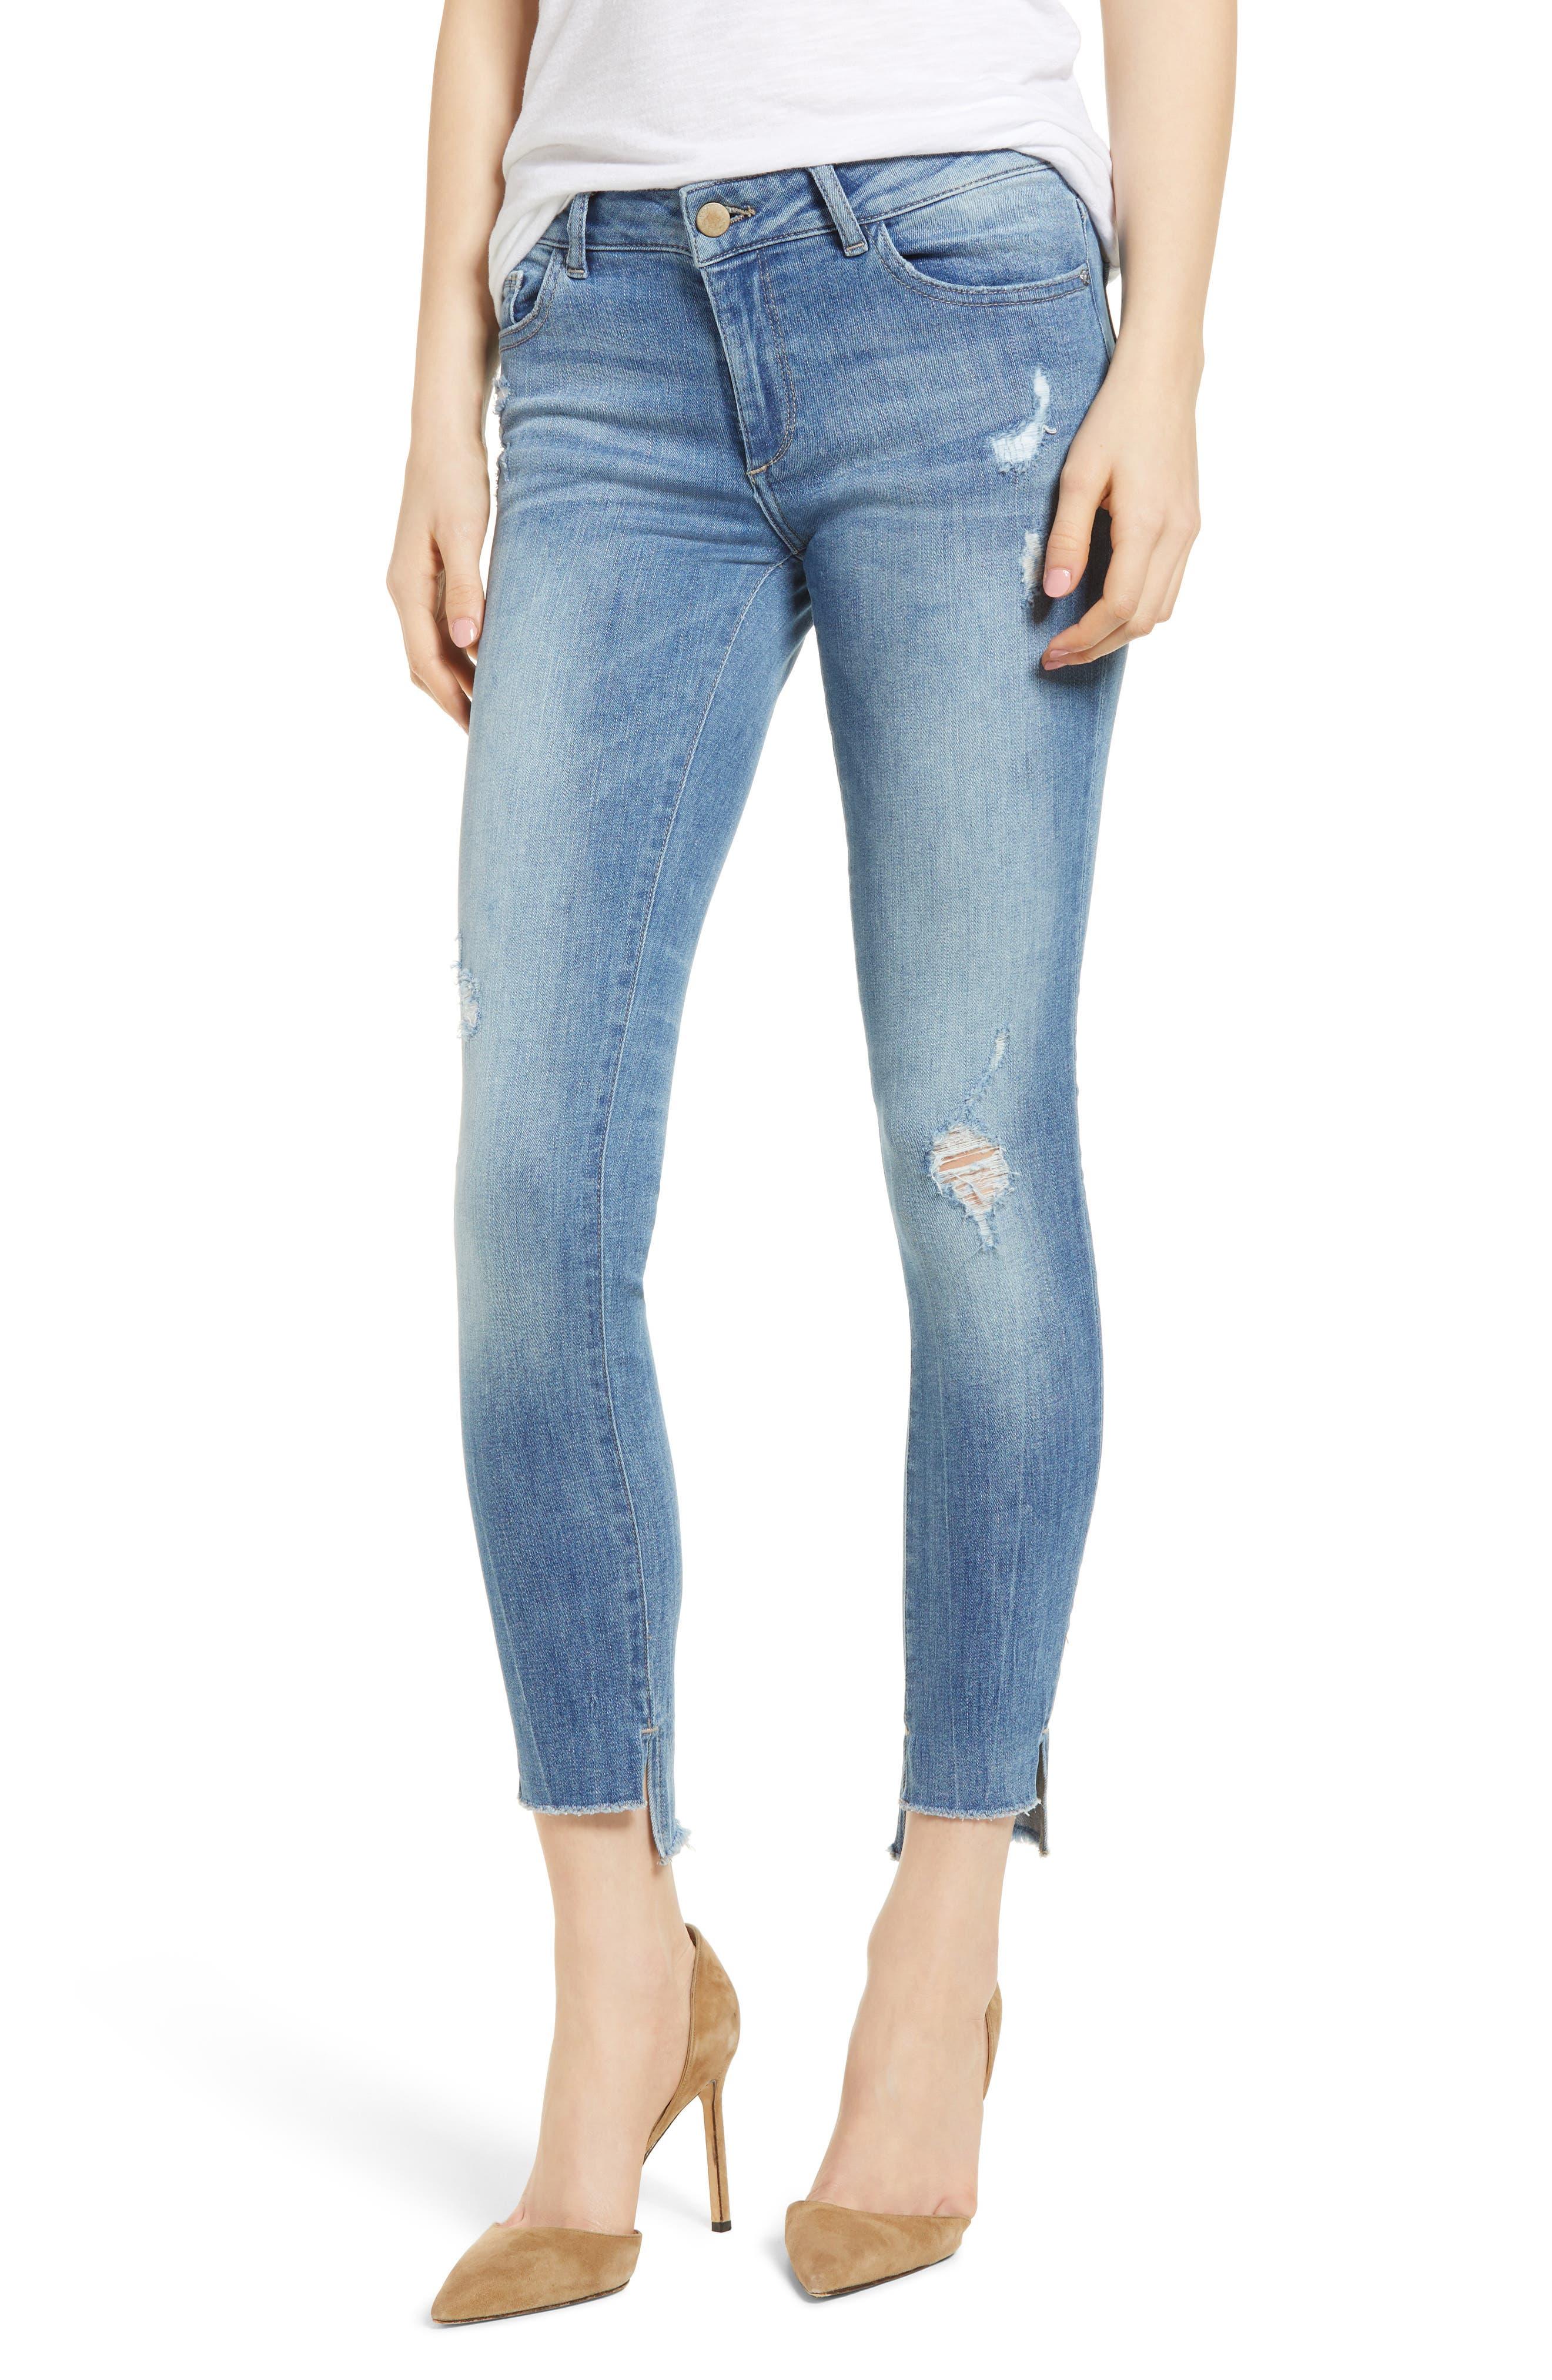 Emma Power Legging Skinny Jeans,                         Main,                         color, MELBOURNE